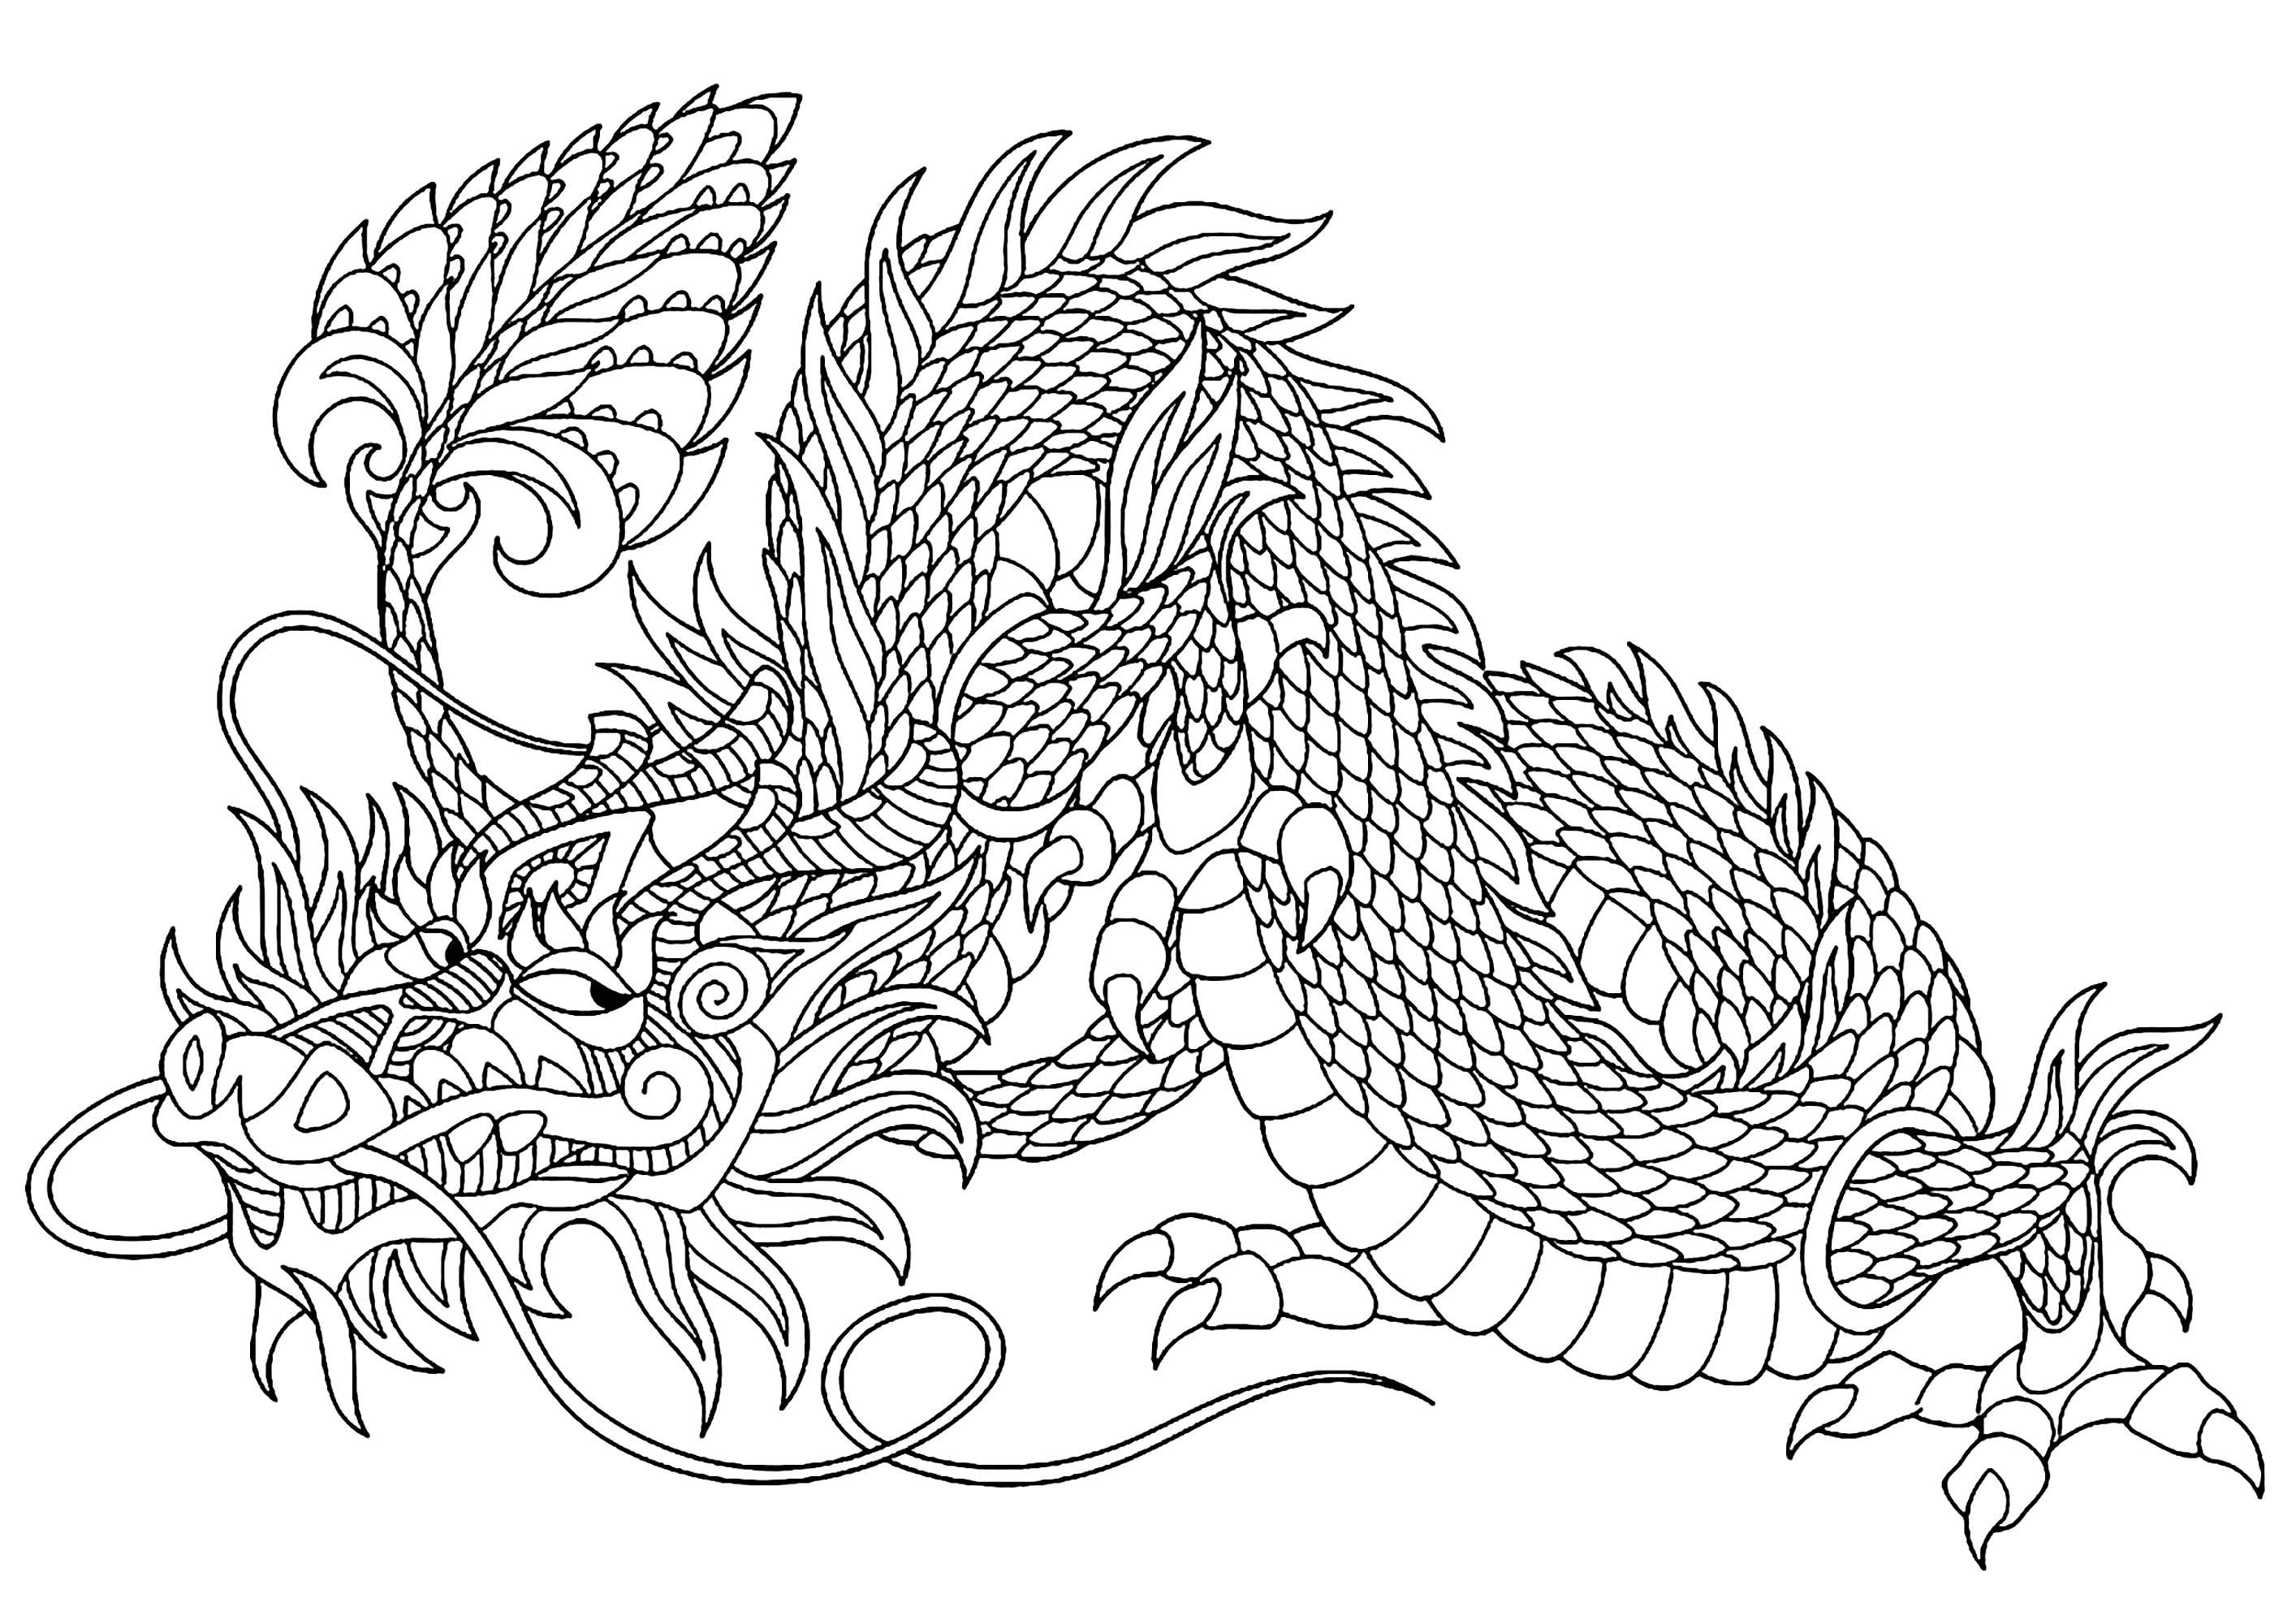 Dragones 29060 - Dragones - Colorear para Adultos